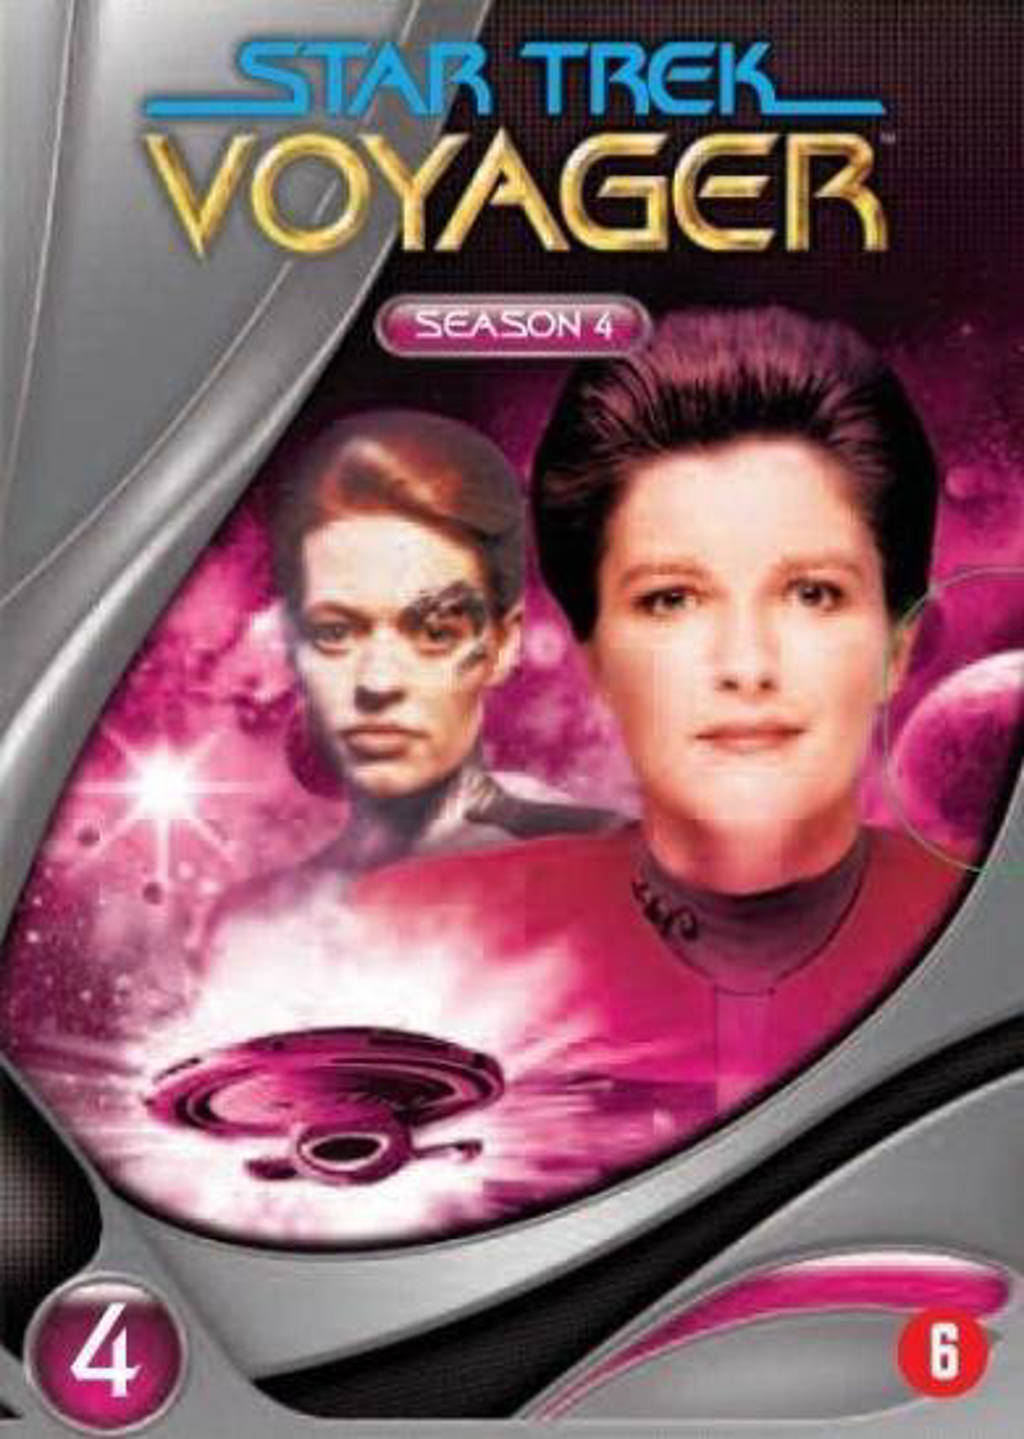 Star trek voyager - Seizoen 4 (DVD)